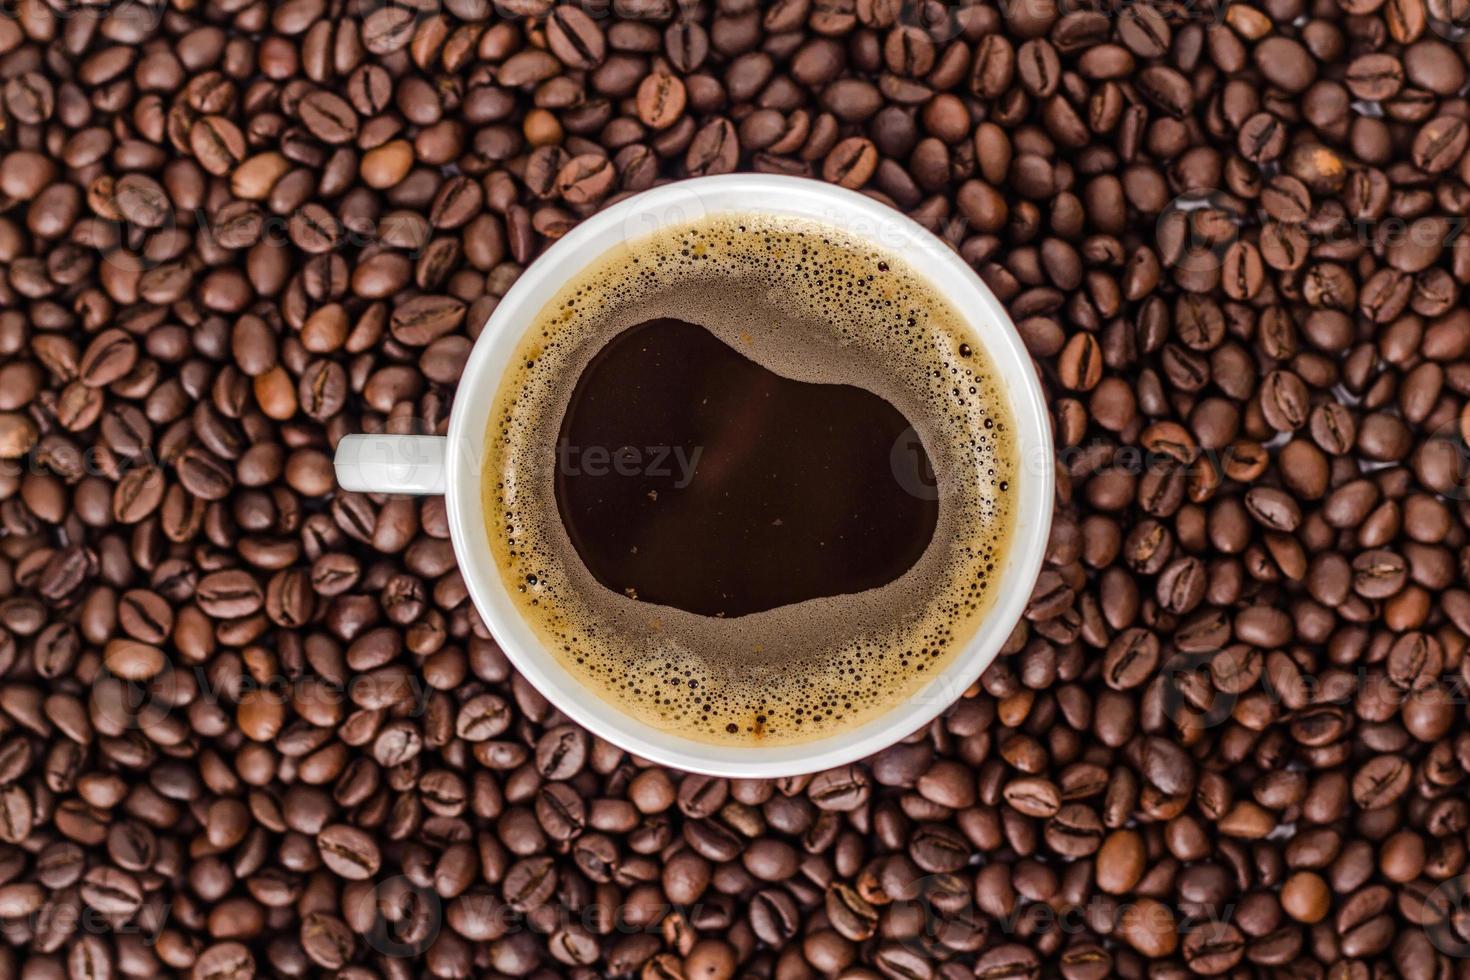 tazza di caffè bianca su un mucchio di chicchi di caffè. foto